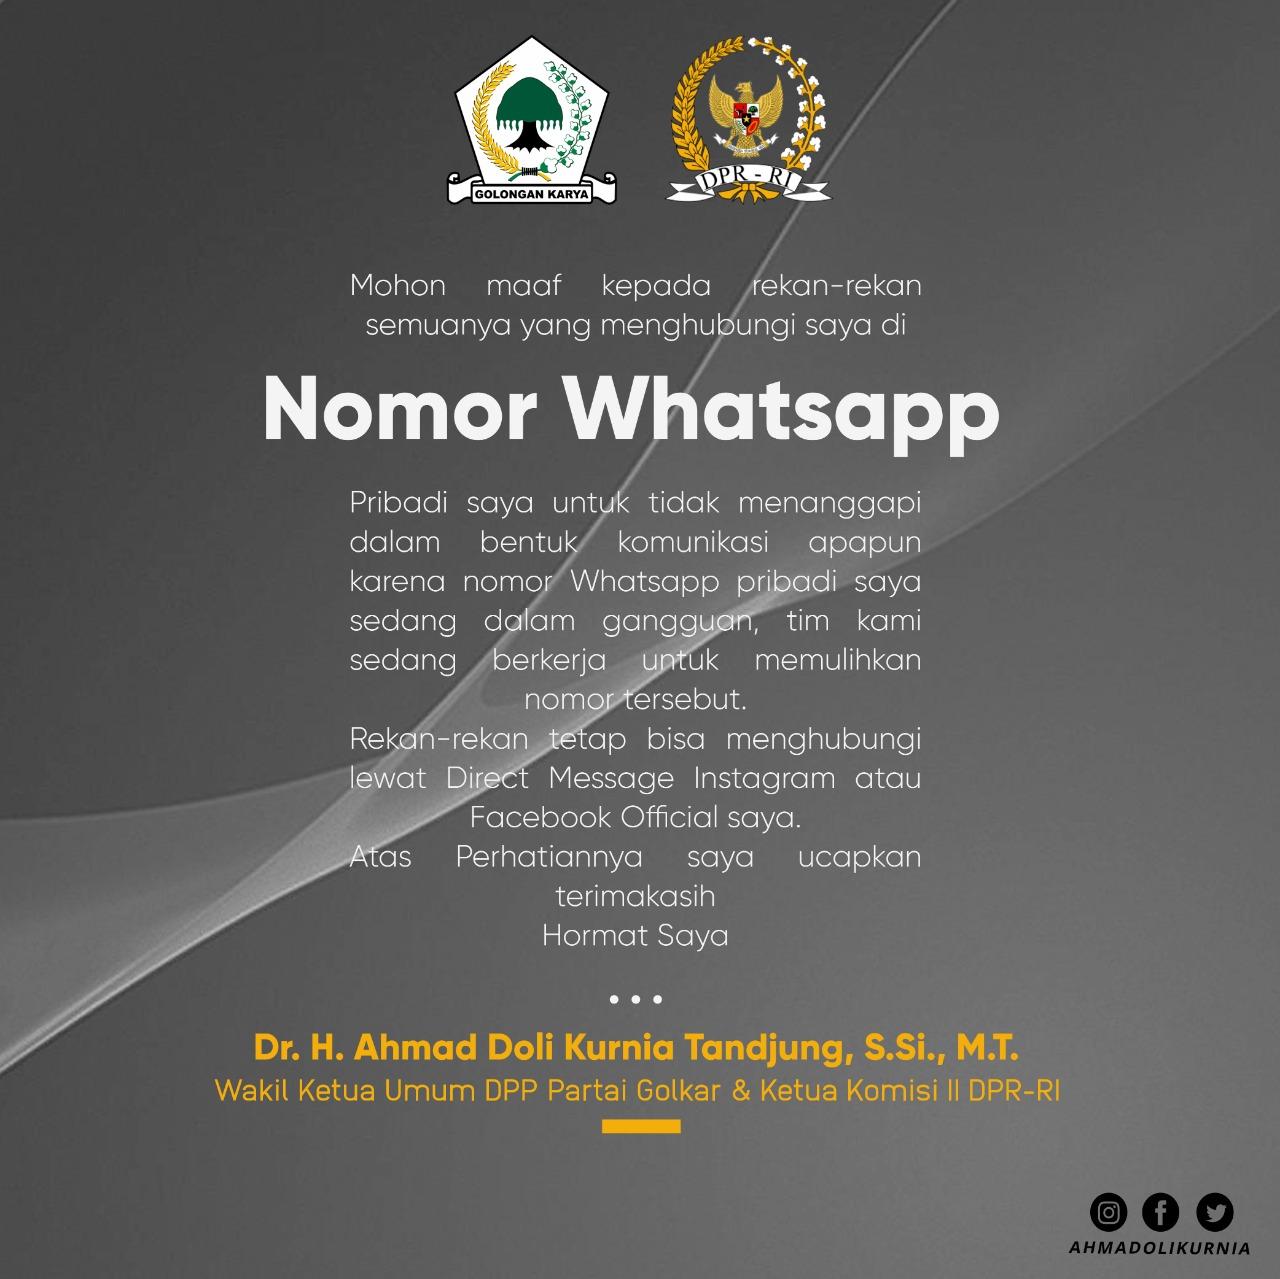 Waspada! Nomor WhatsApp Waketum DPP Partai Golkar, Ahmad Doli Kurnia Diretas